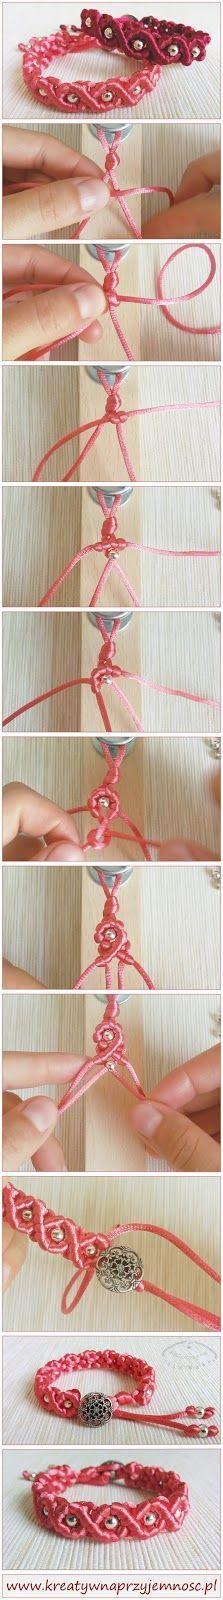 Kreatywna przyjemność: Czwartkowy samouczek 34 - Makramowa bransoletka z satynowego sznurka